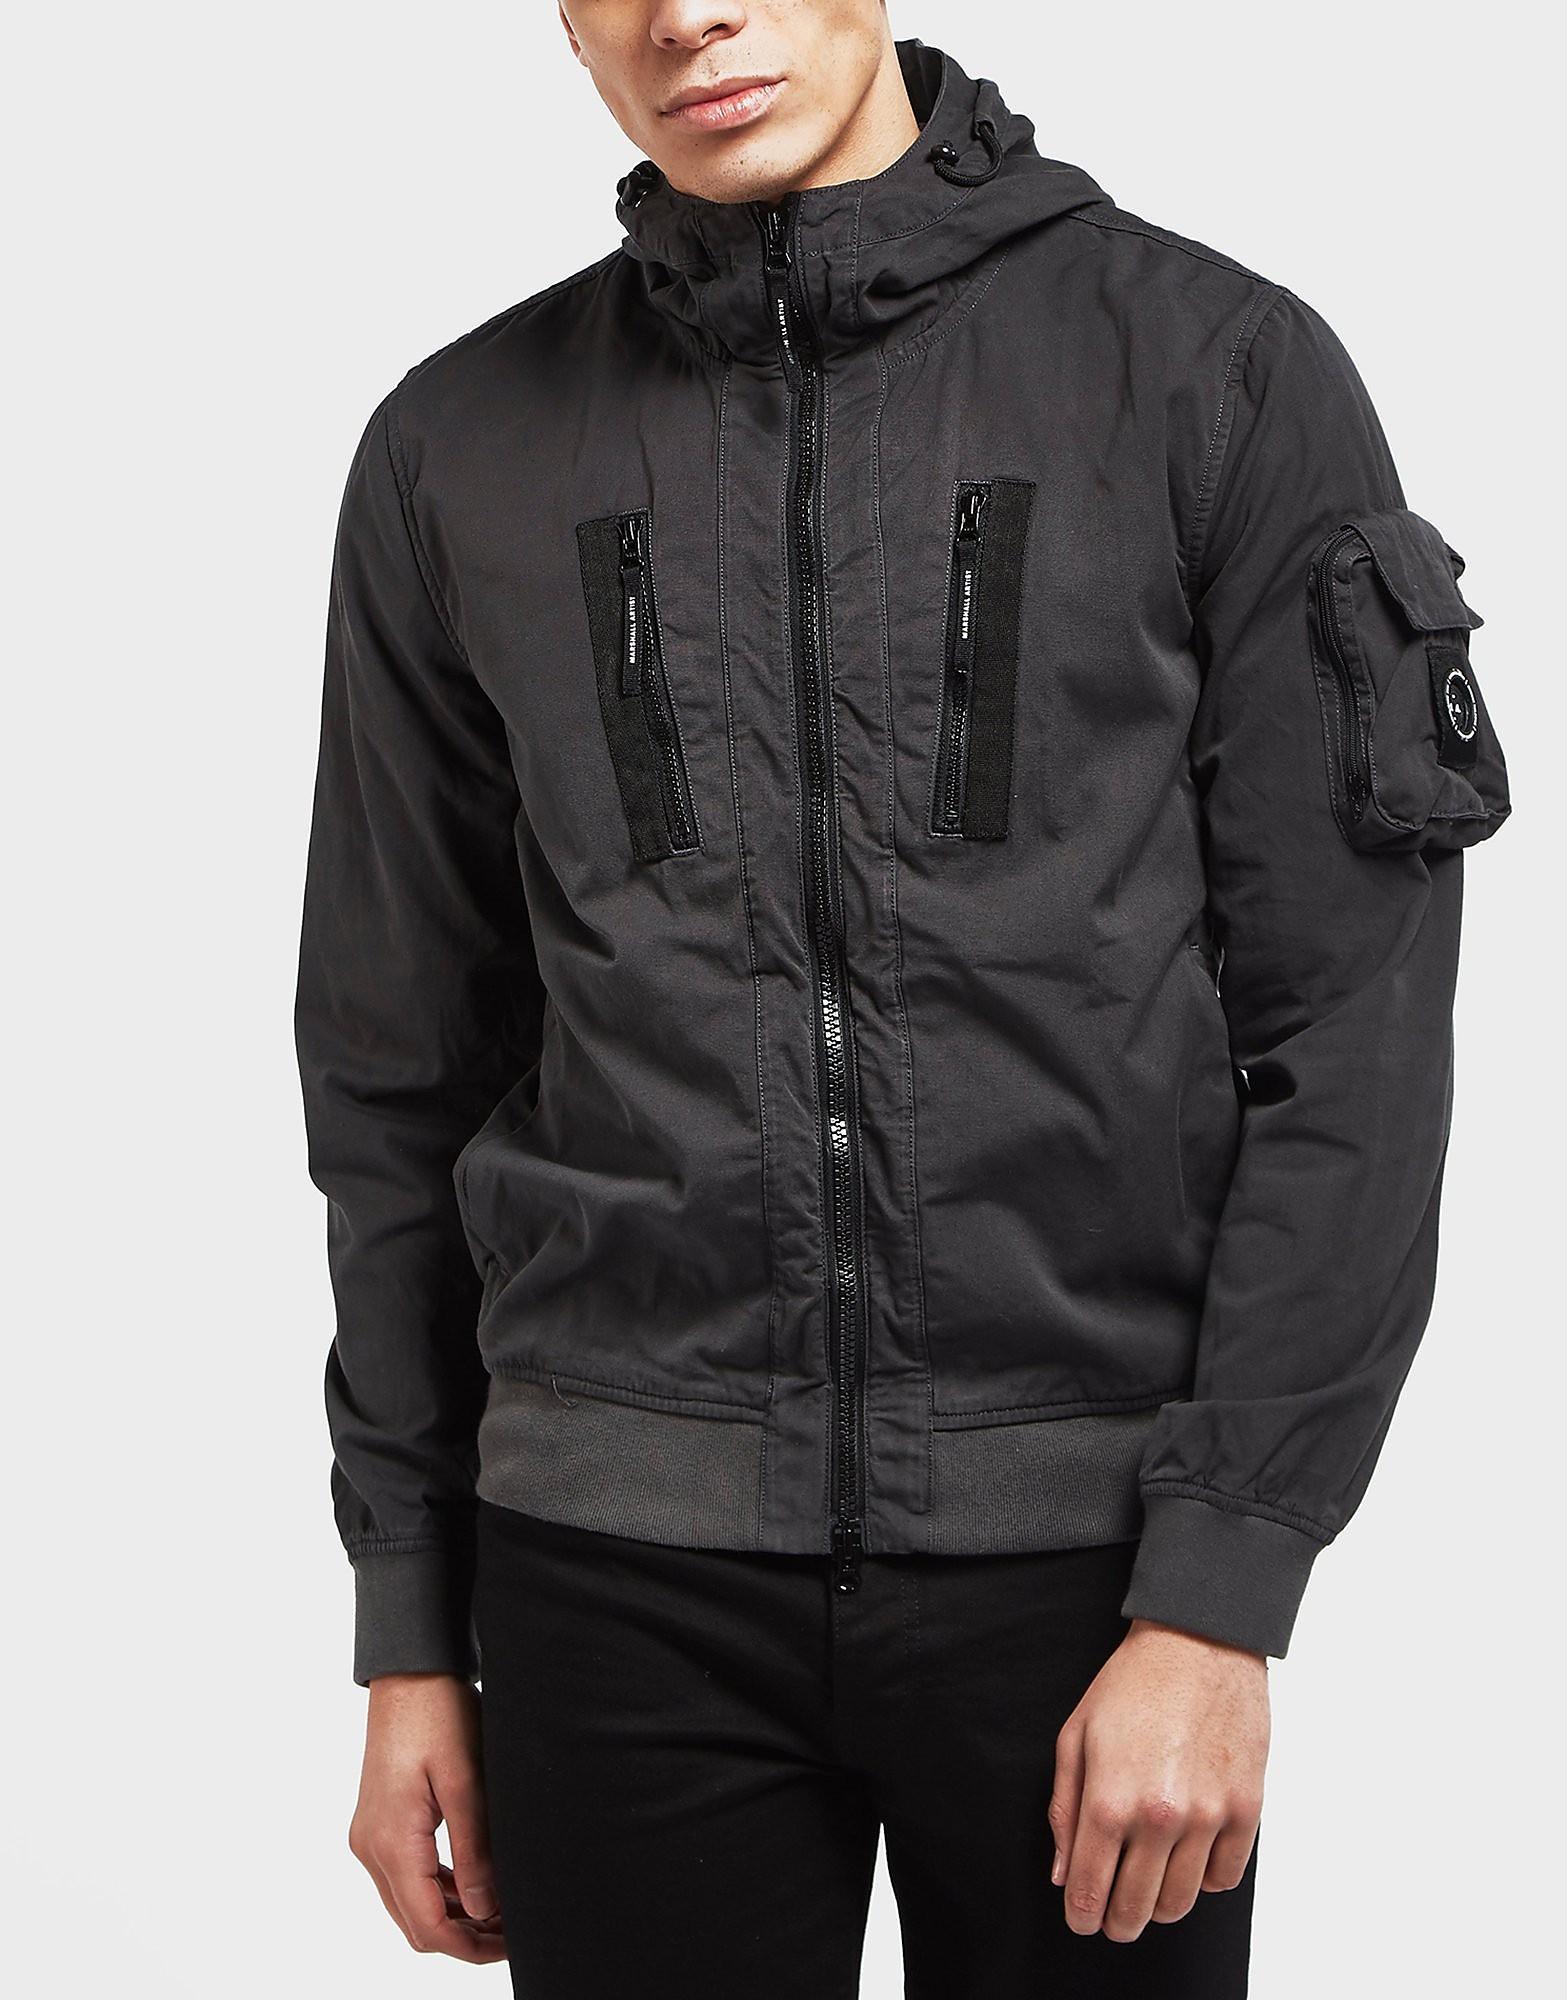 Marshall Artist Garment Dyed Hooded Bomber Jacket